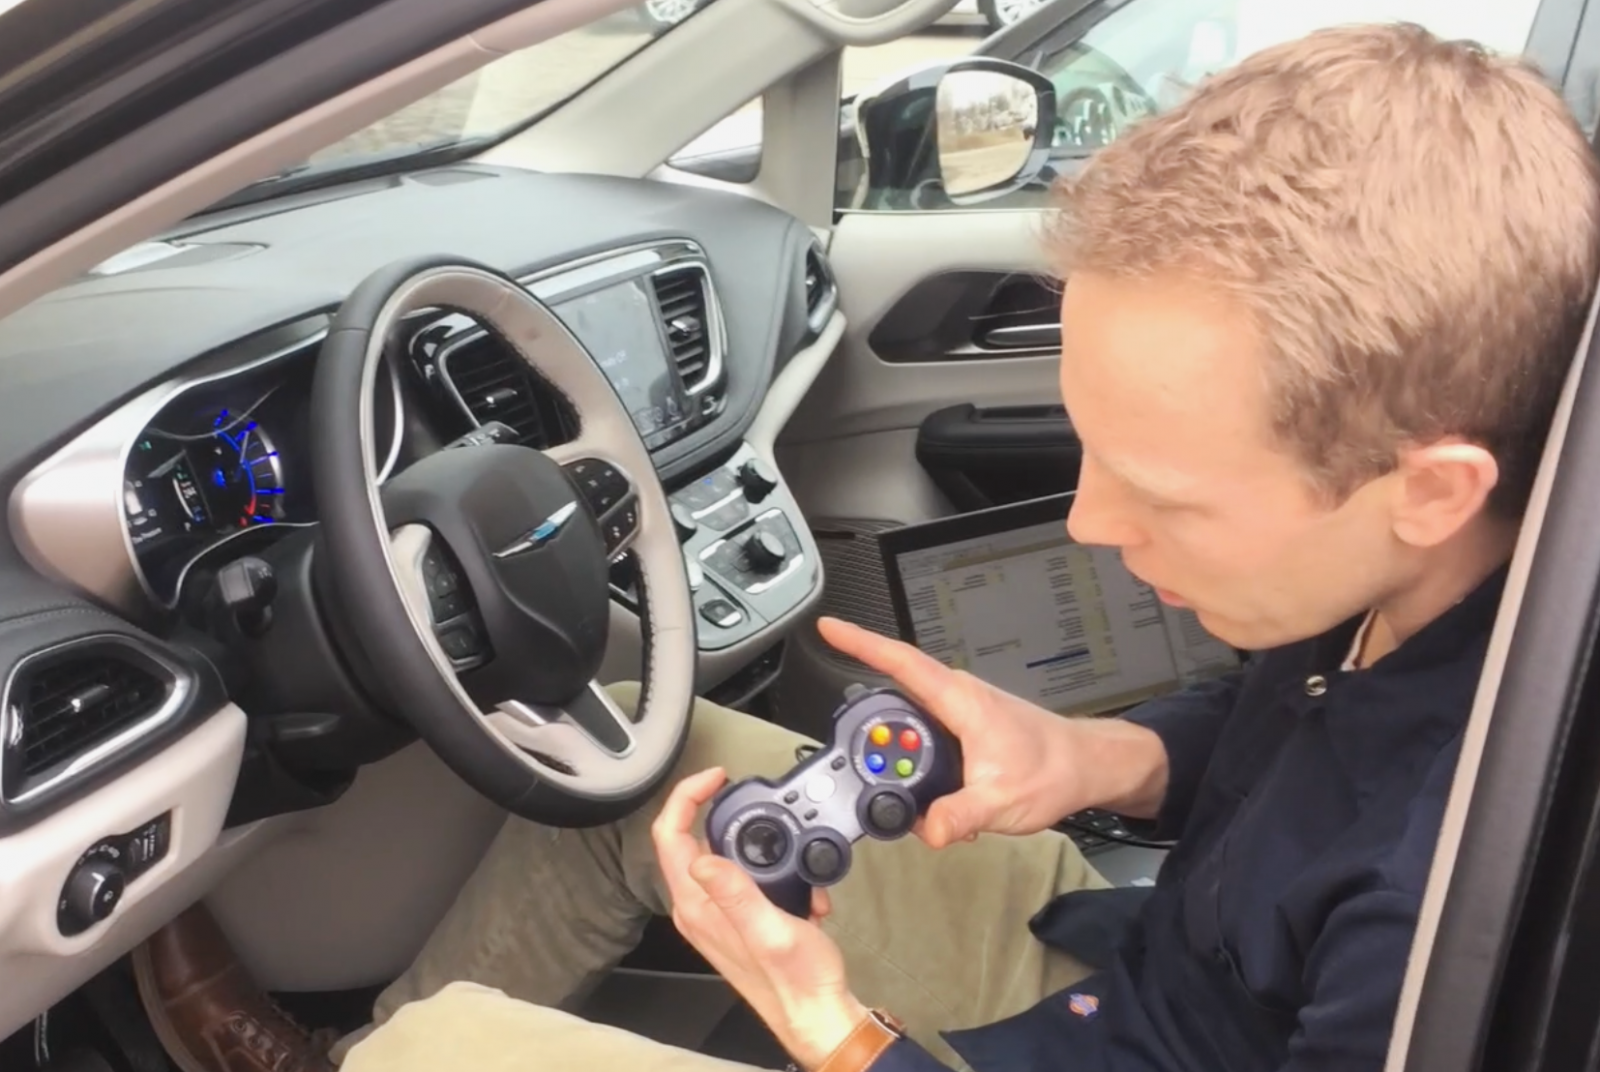 Justin demonstrating the DBW kit for Chrysler pacifica